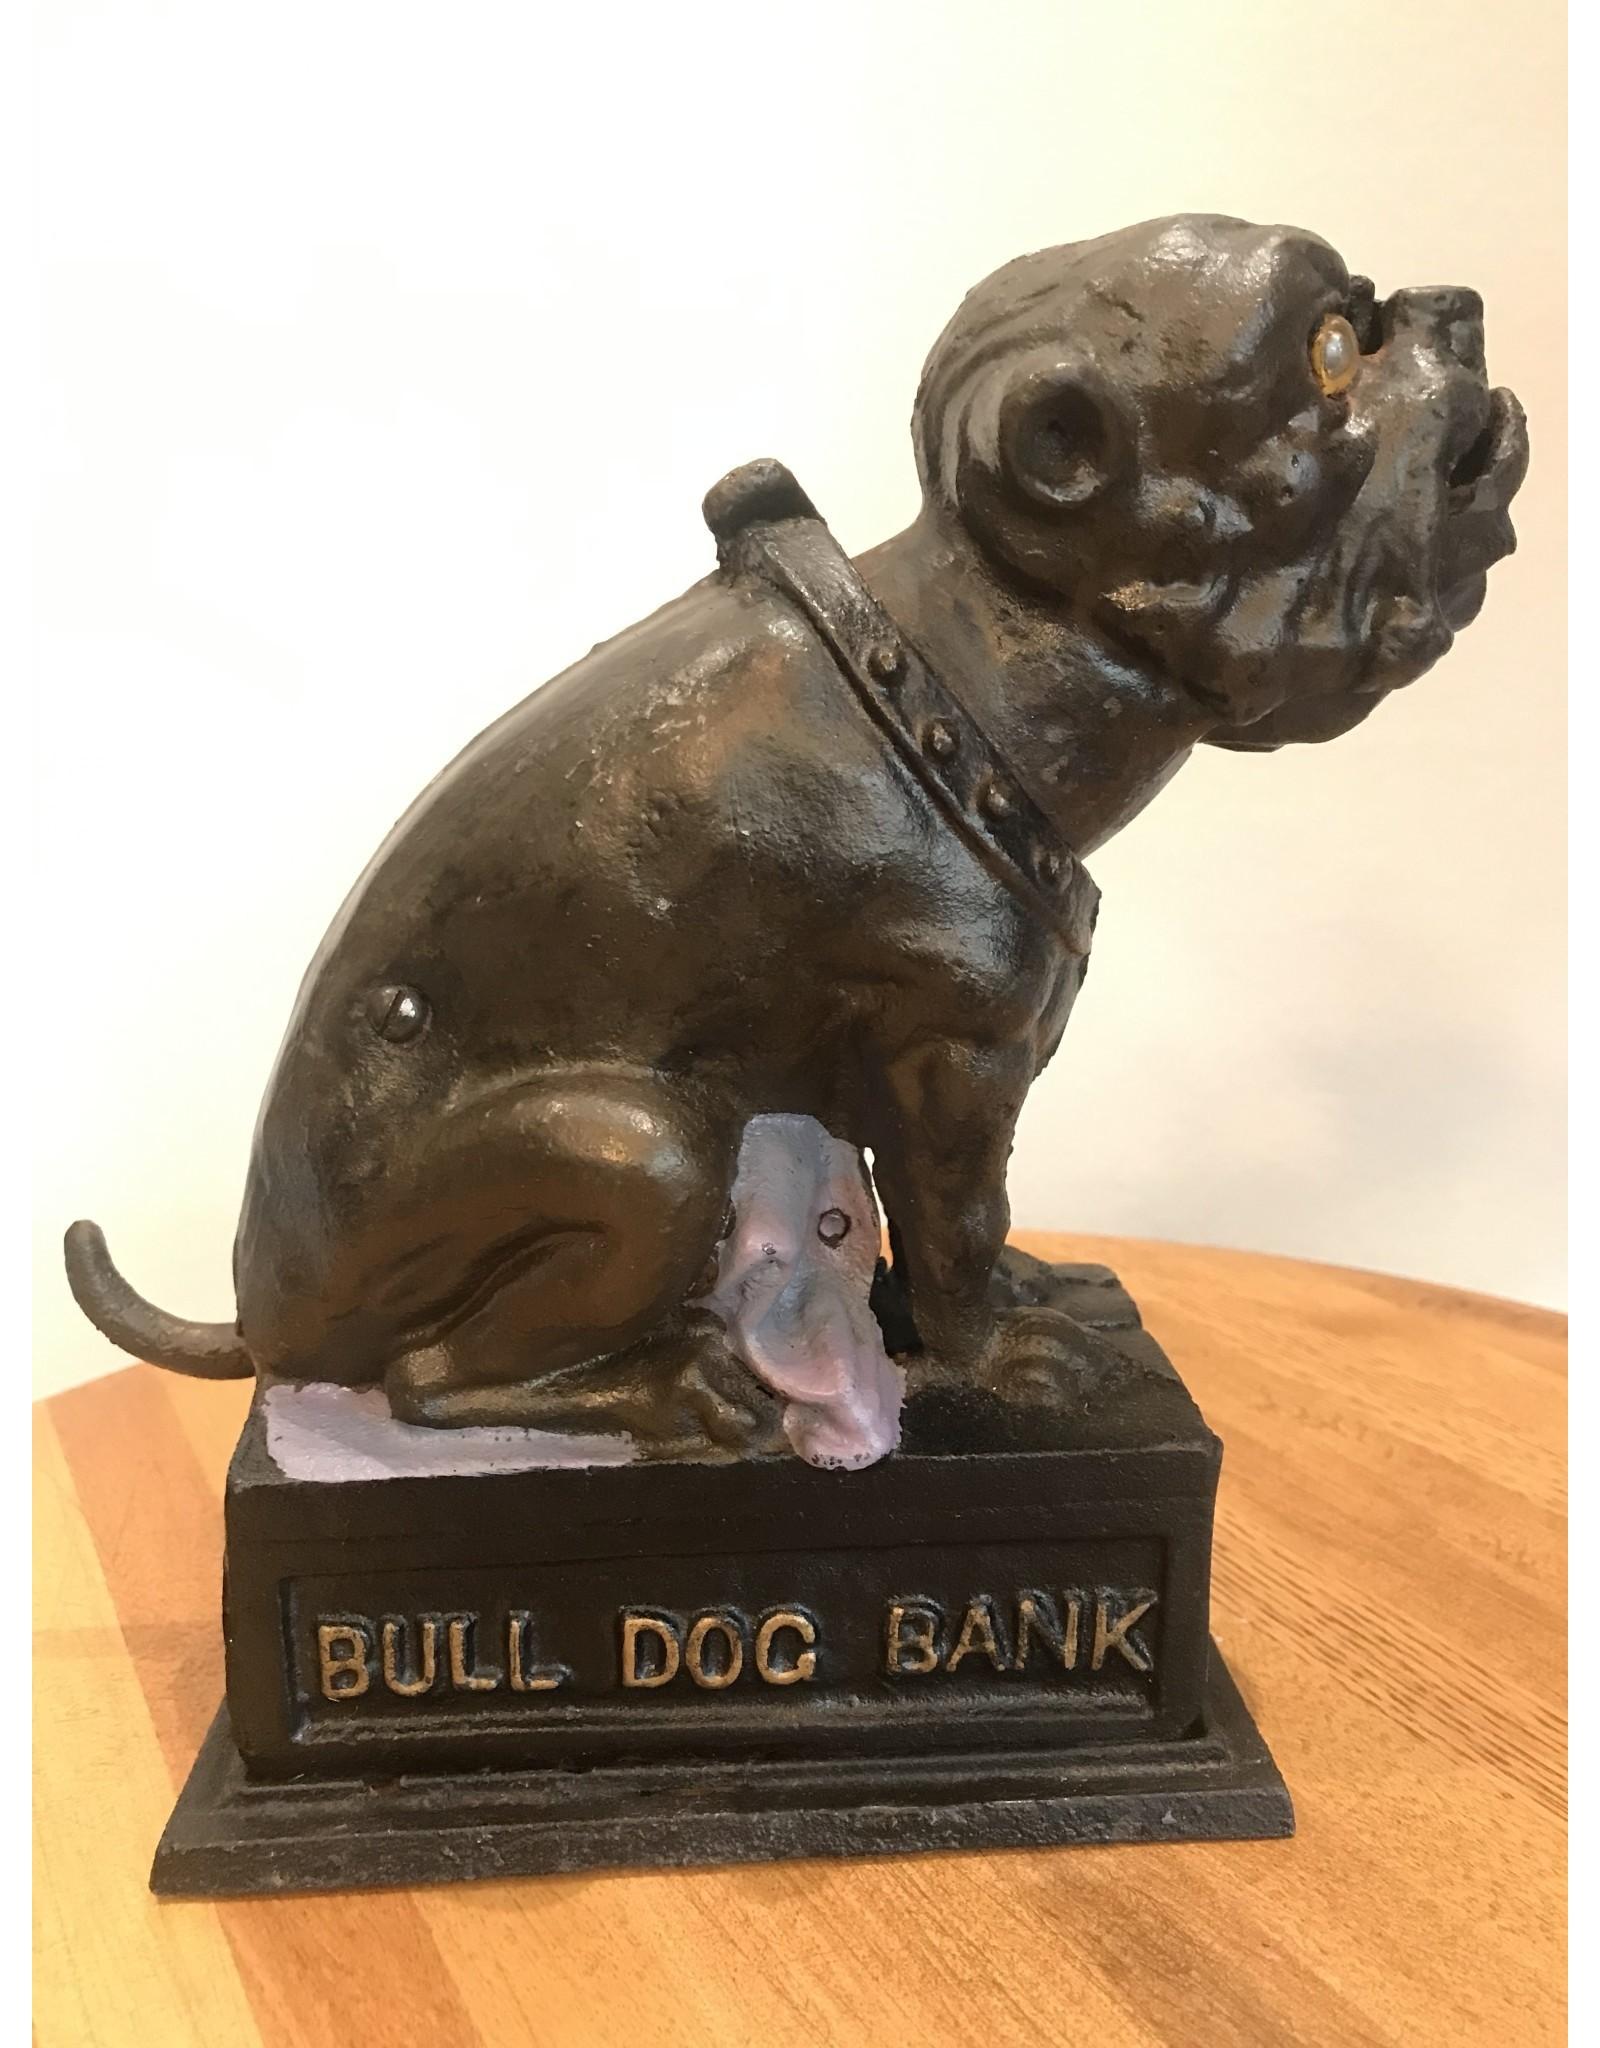 SPV Bull Dog Bank